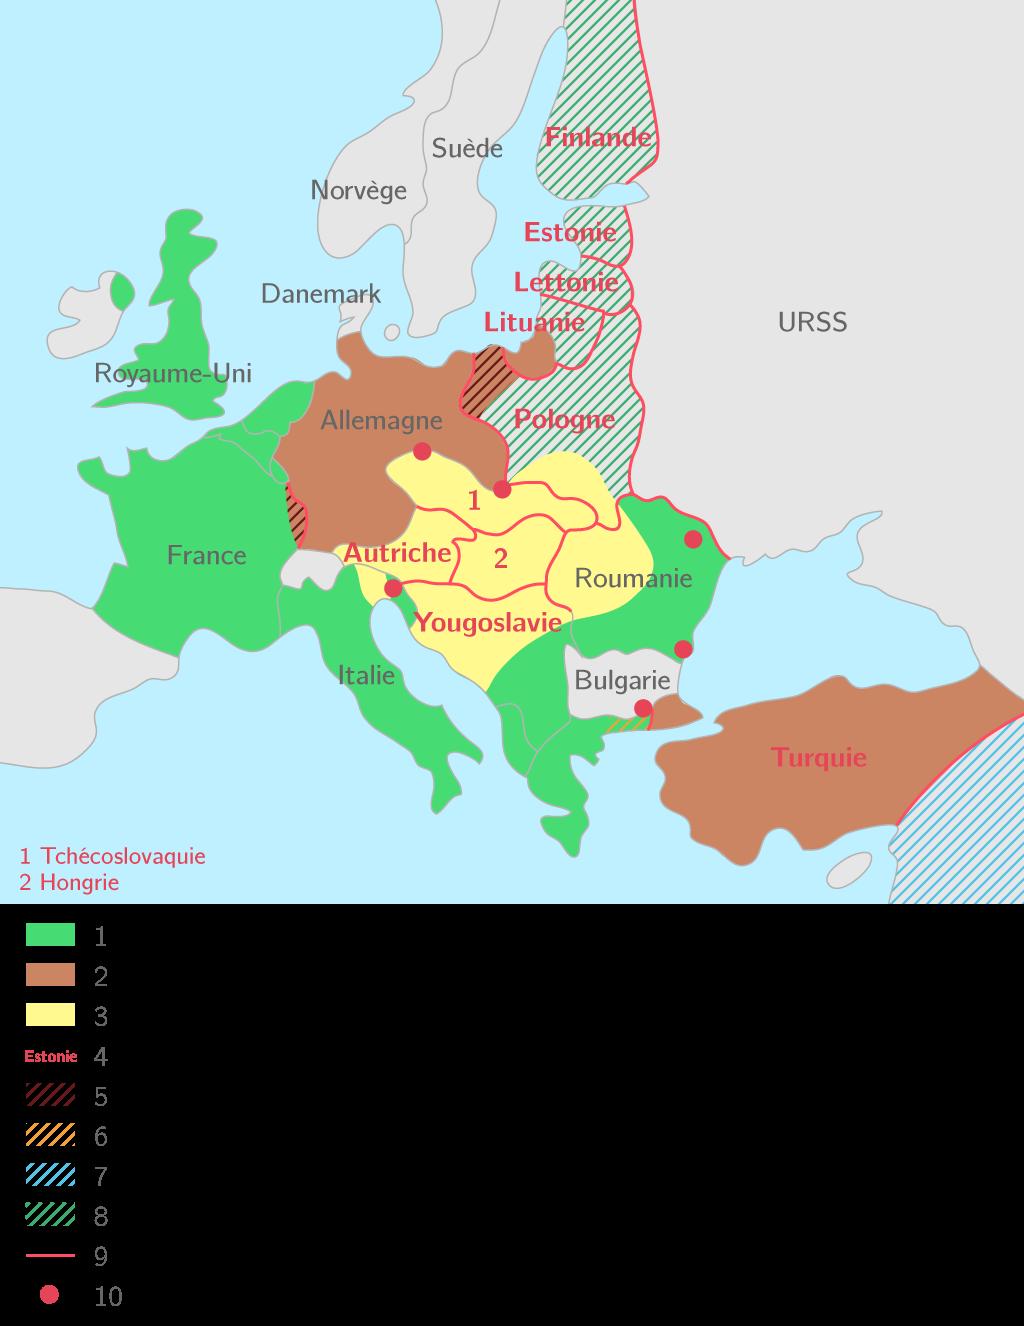 L'Europe au lendemain des traités (1923)